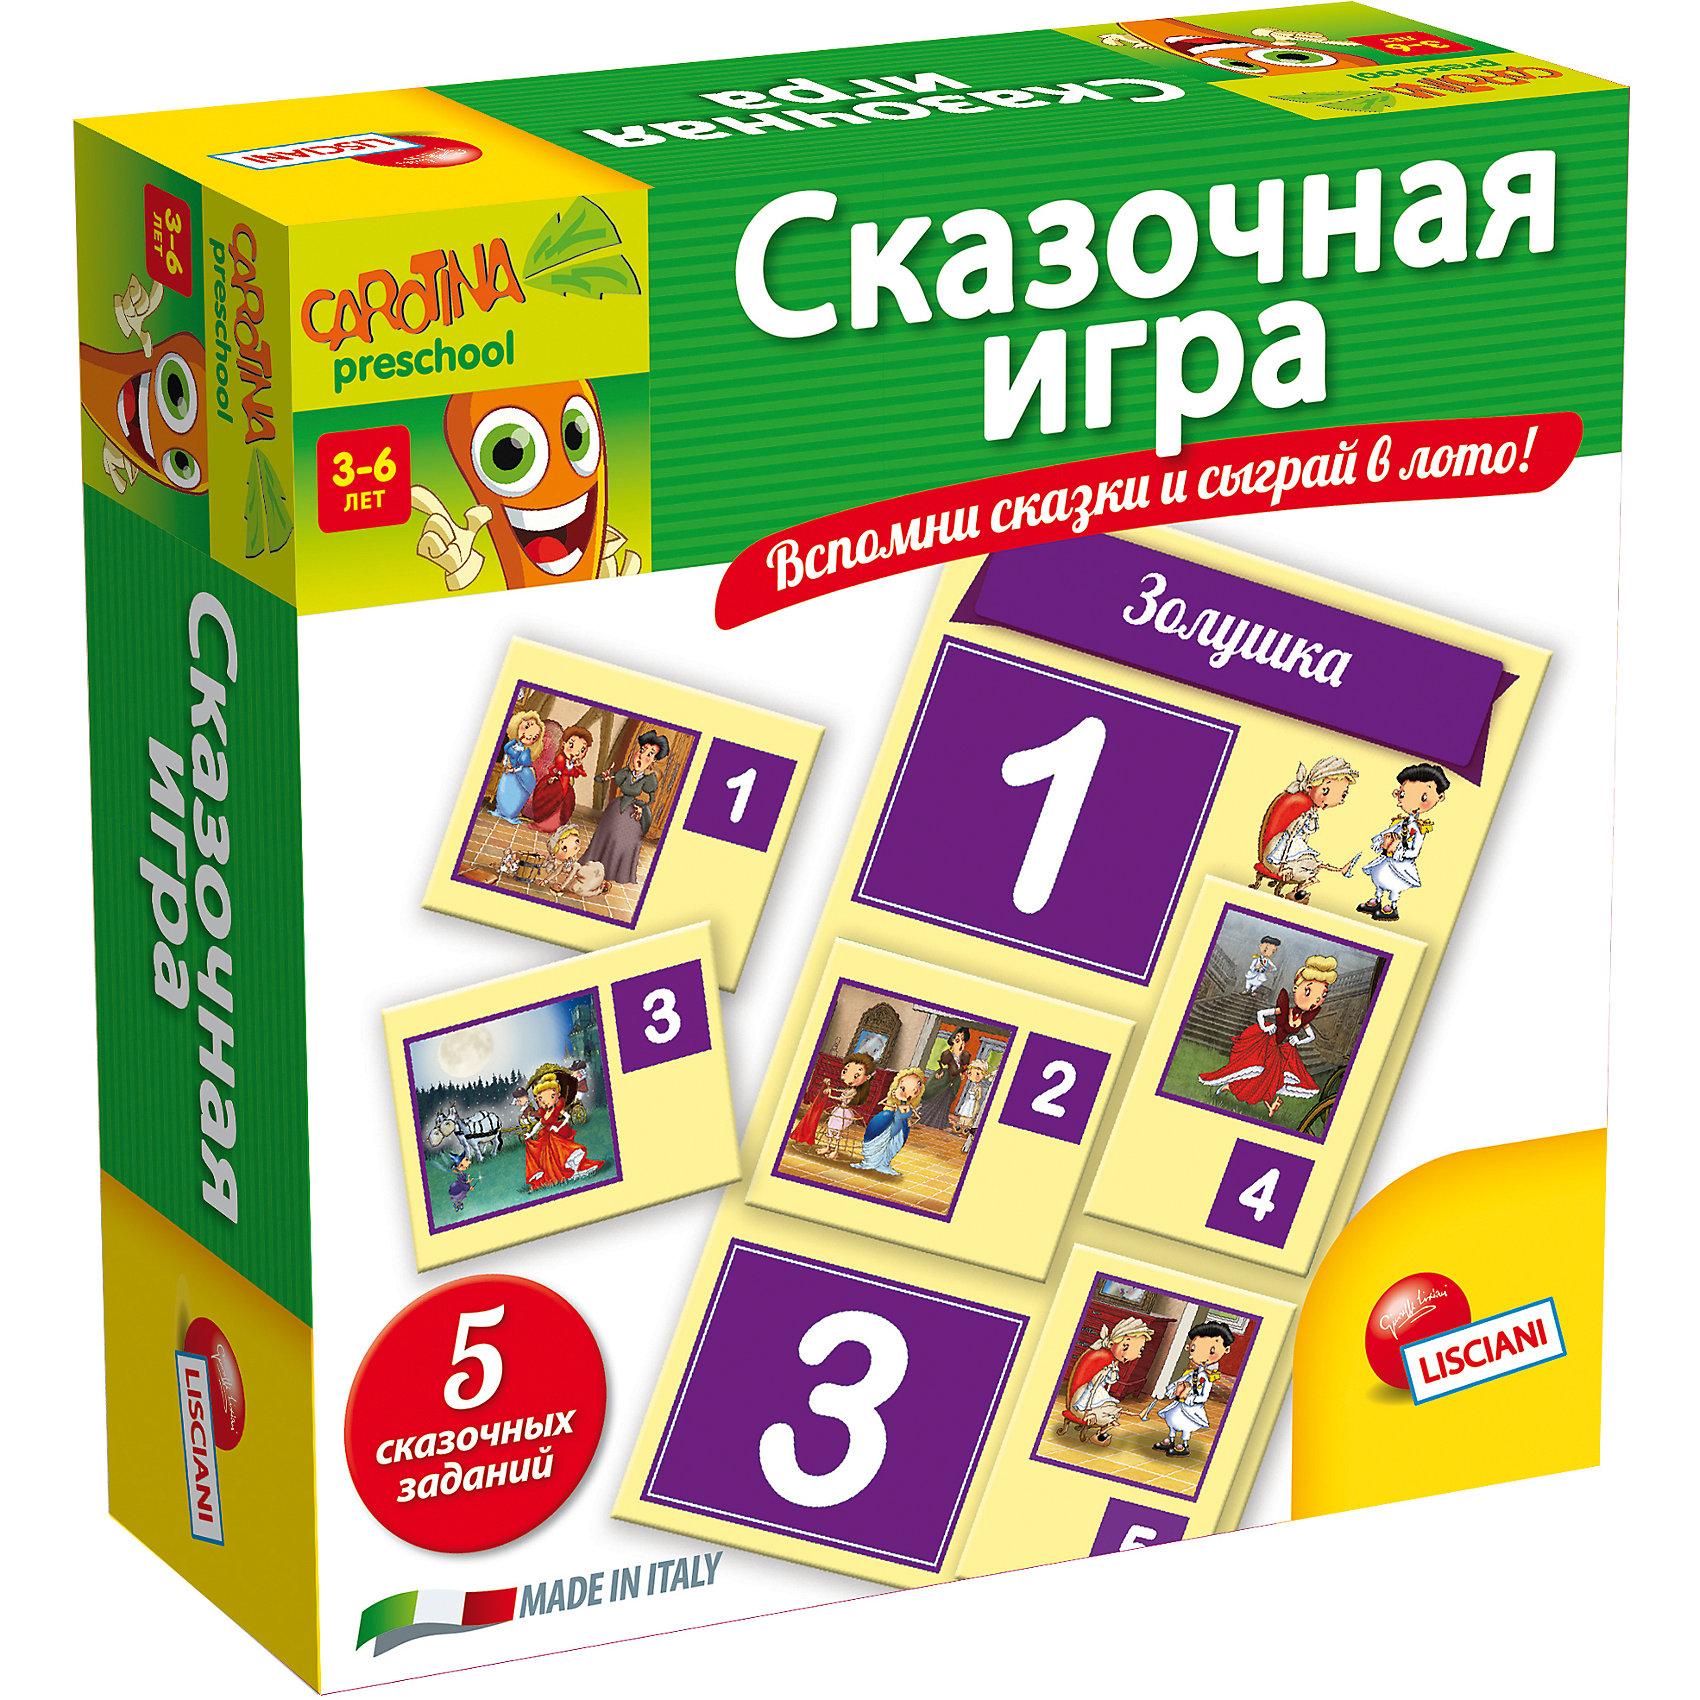 Обучающая игра Сказочная игра, LiscianiРазвивающие игры<br>Обучающая игра Сказочная игра, Lisciani<br><br>Характеристики:<br><br>• В набор входит: 5 форм, 50 карточек, инструкция<br>• Размер упаковки: 18х6х18 см.<br>• Состав: картон, бумага<br>• Вес: 420 г.<br>• Для детей в возрасте: от 3 до 6 лет<br>• Страна производитель: Италия<br><br>Цветные карточки содержат слова на тематику сказок: золушка, красная шапочка три поросёнка и не только. В игру можно играть тремя разными способами, в качестве классического лото, пазла или игры на развитие памяти. Играя в лото дети смогут расширить свой словарный запас в непринуждённой обстановке.<br><br>Обучающую игру Сказочная игра, Lisciani можно купить в нашем интернет-магазине.<br><br>Ширина мм: 370<br>Глубина мм: 370<br>Высота мм: 35<br>Вес г: 416<br>Возраст от месяцев: 36<br>Возраст до месяцев: 2147483647<br>Пол: Унисекс<br>Возраст: Детский<br>SKU: 5522890